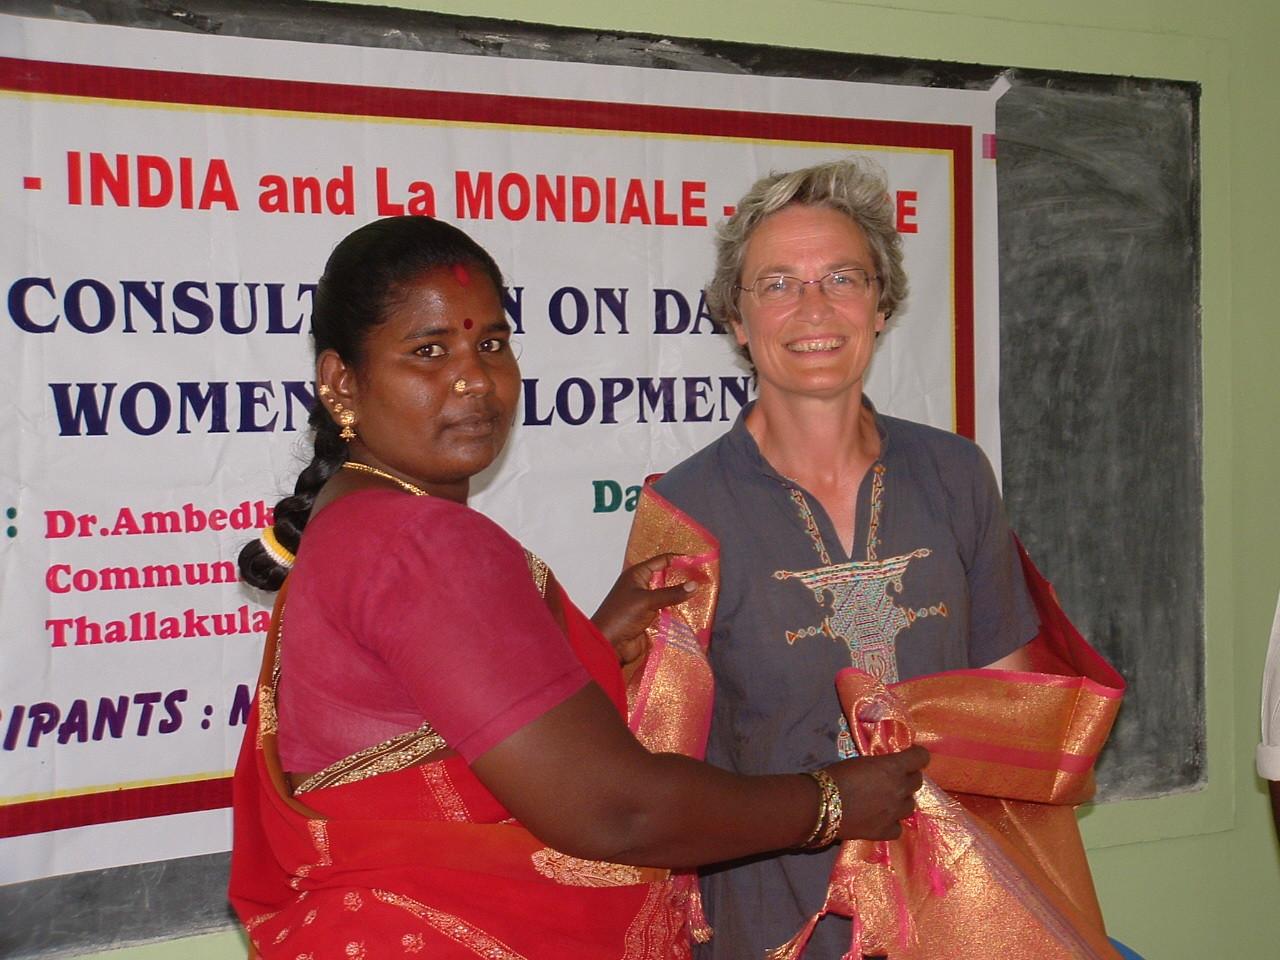 Groupe d'entraide des femmes - AME - Août 2009